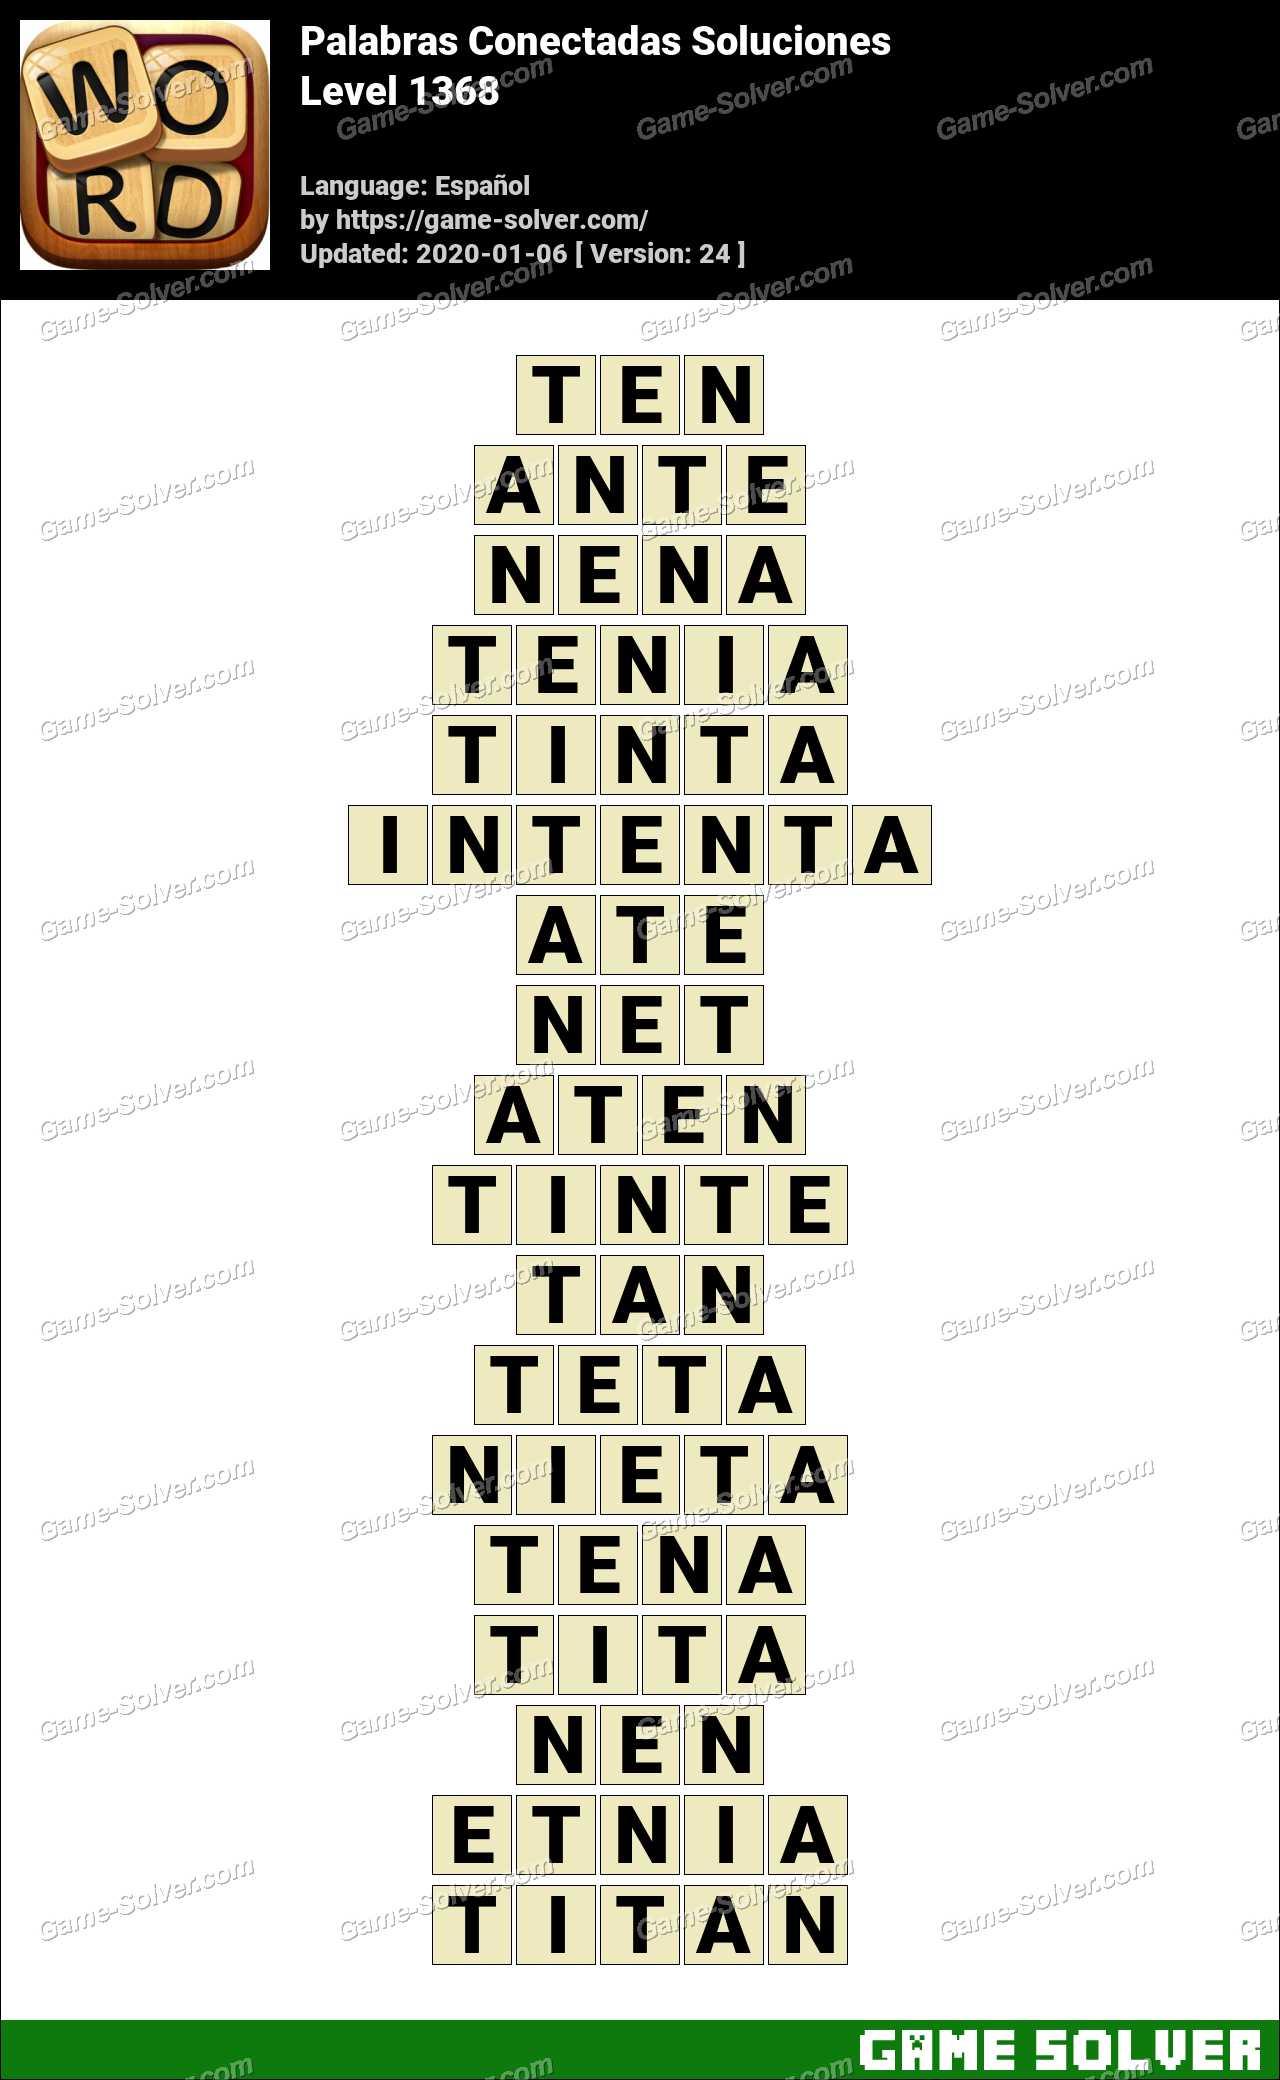 Palabras Conectadas Nivel 1368 Soluciones